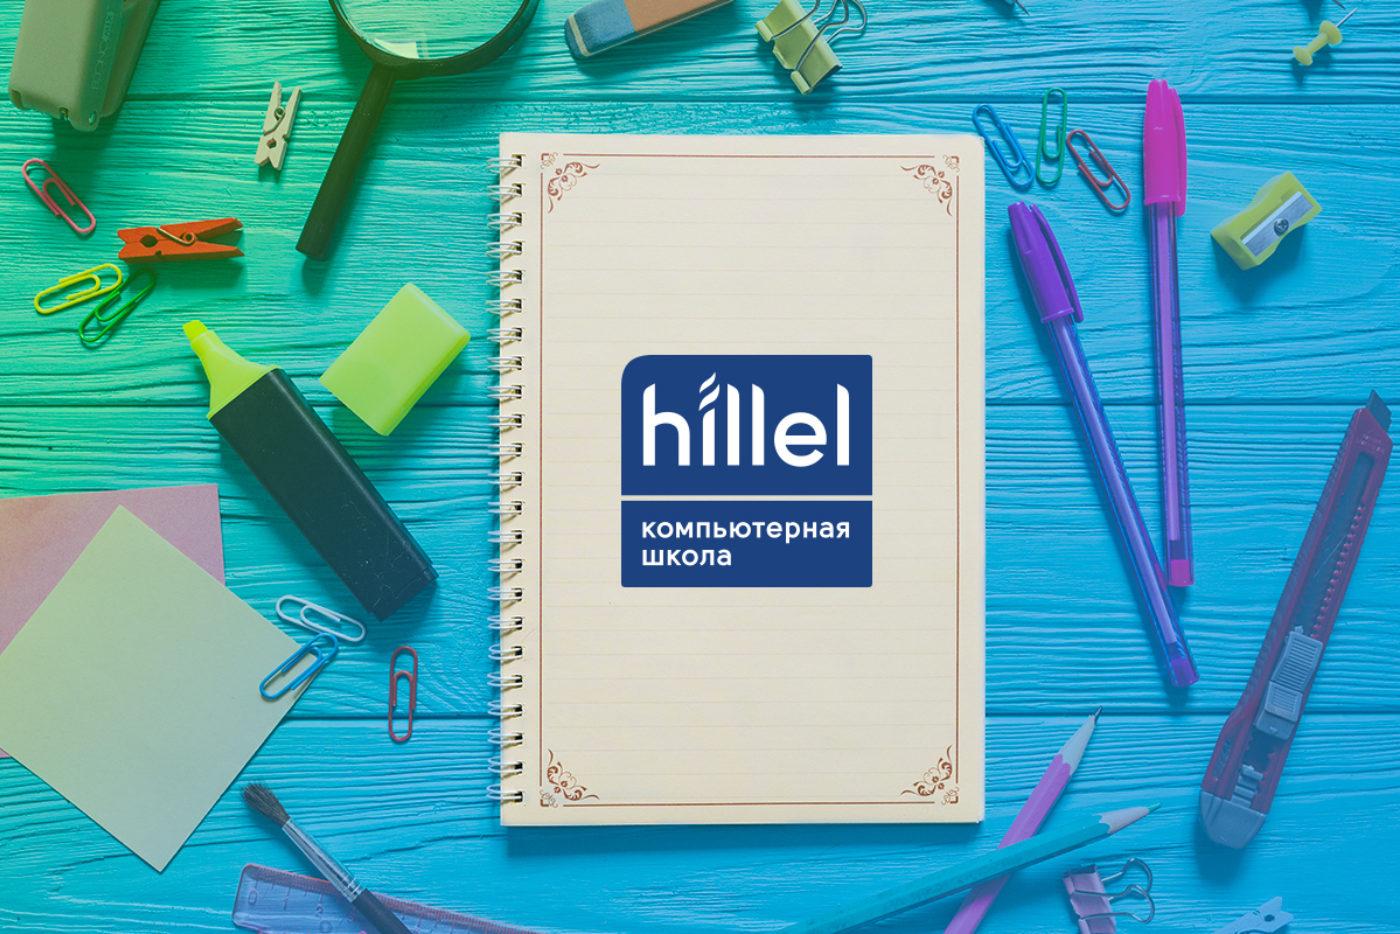 Мероприятия: Открытый урок «Блокнот с собственным дизайном» в Харькове